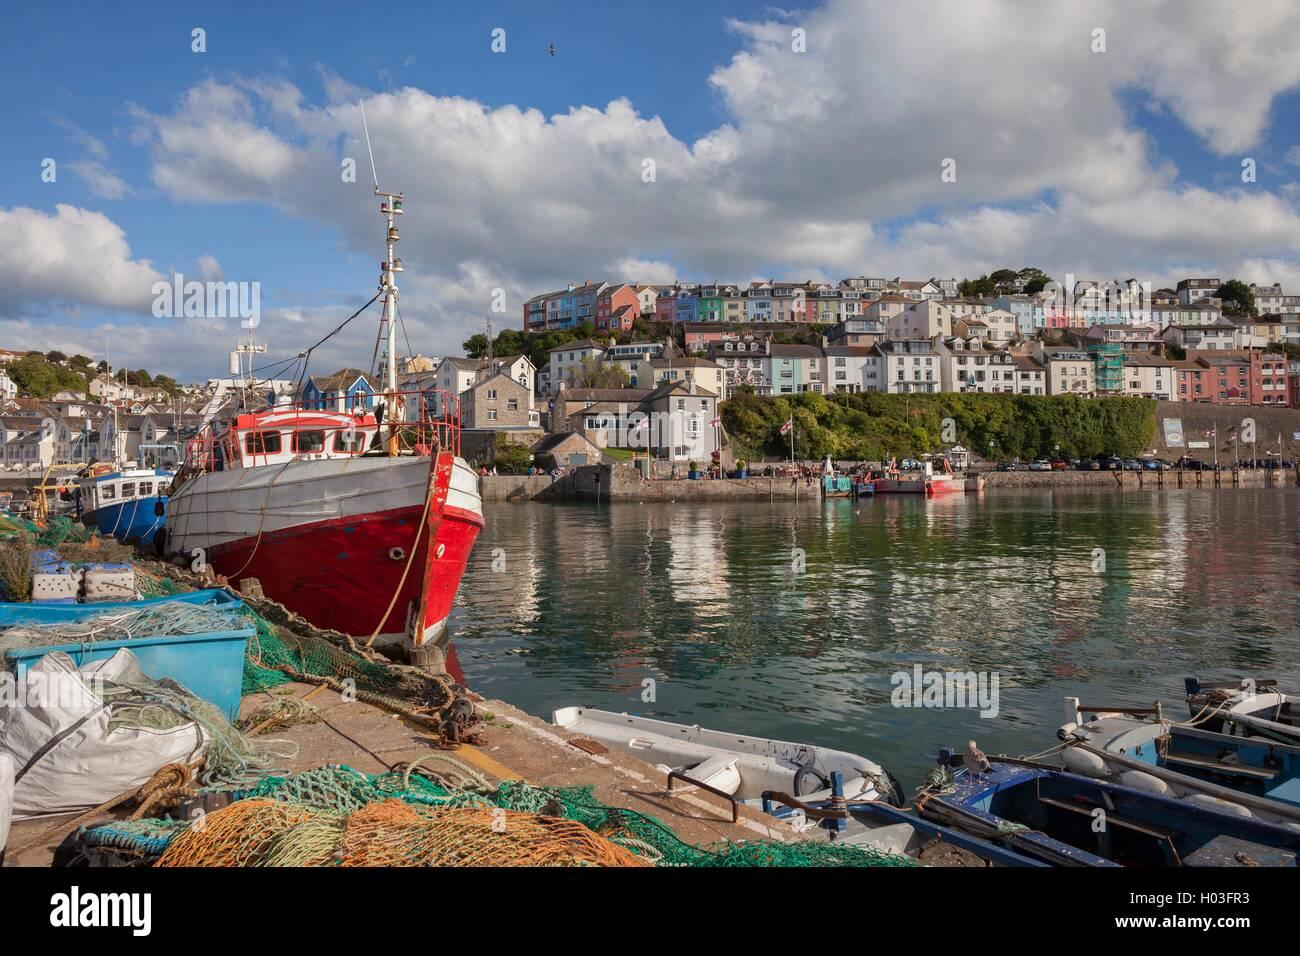 Brixham harbour, Devon, England - Stock Image